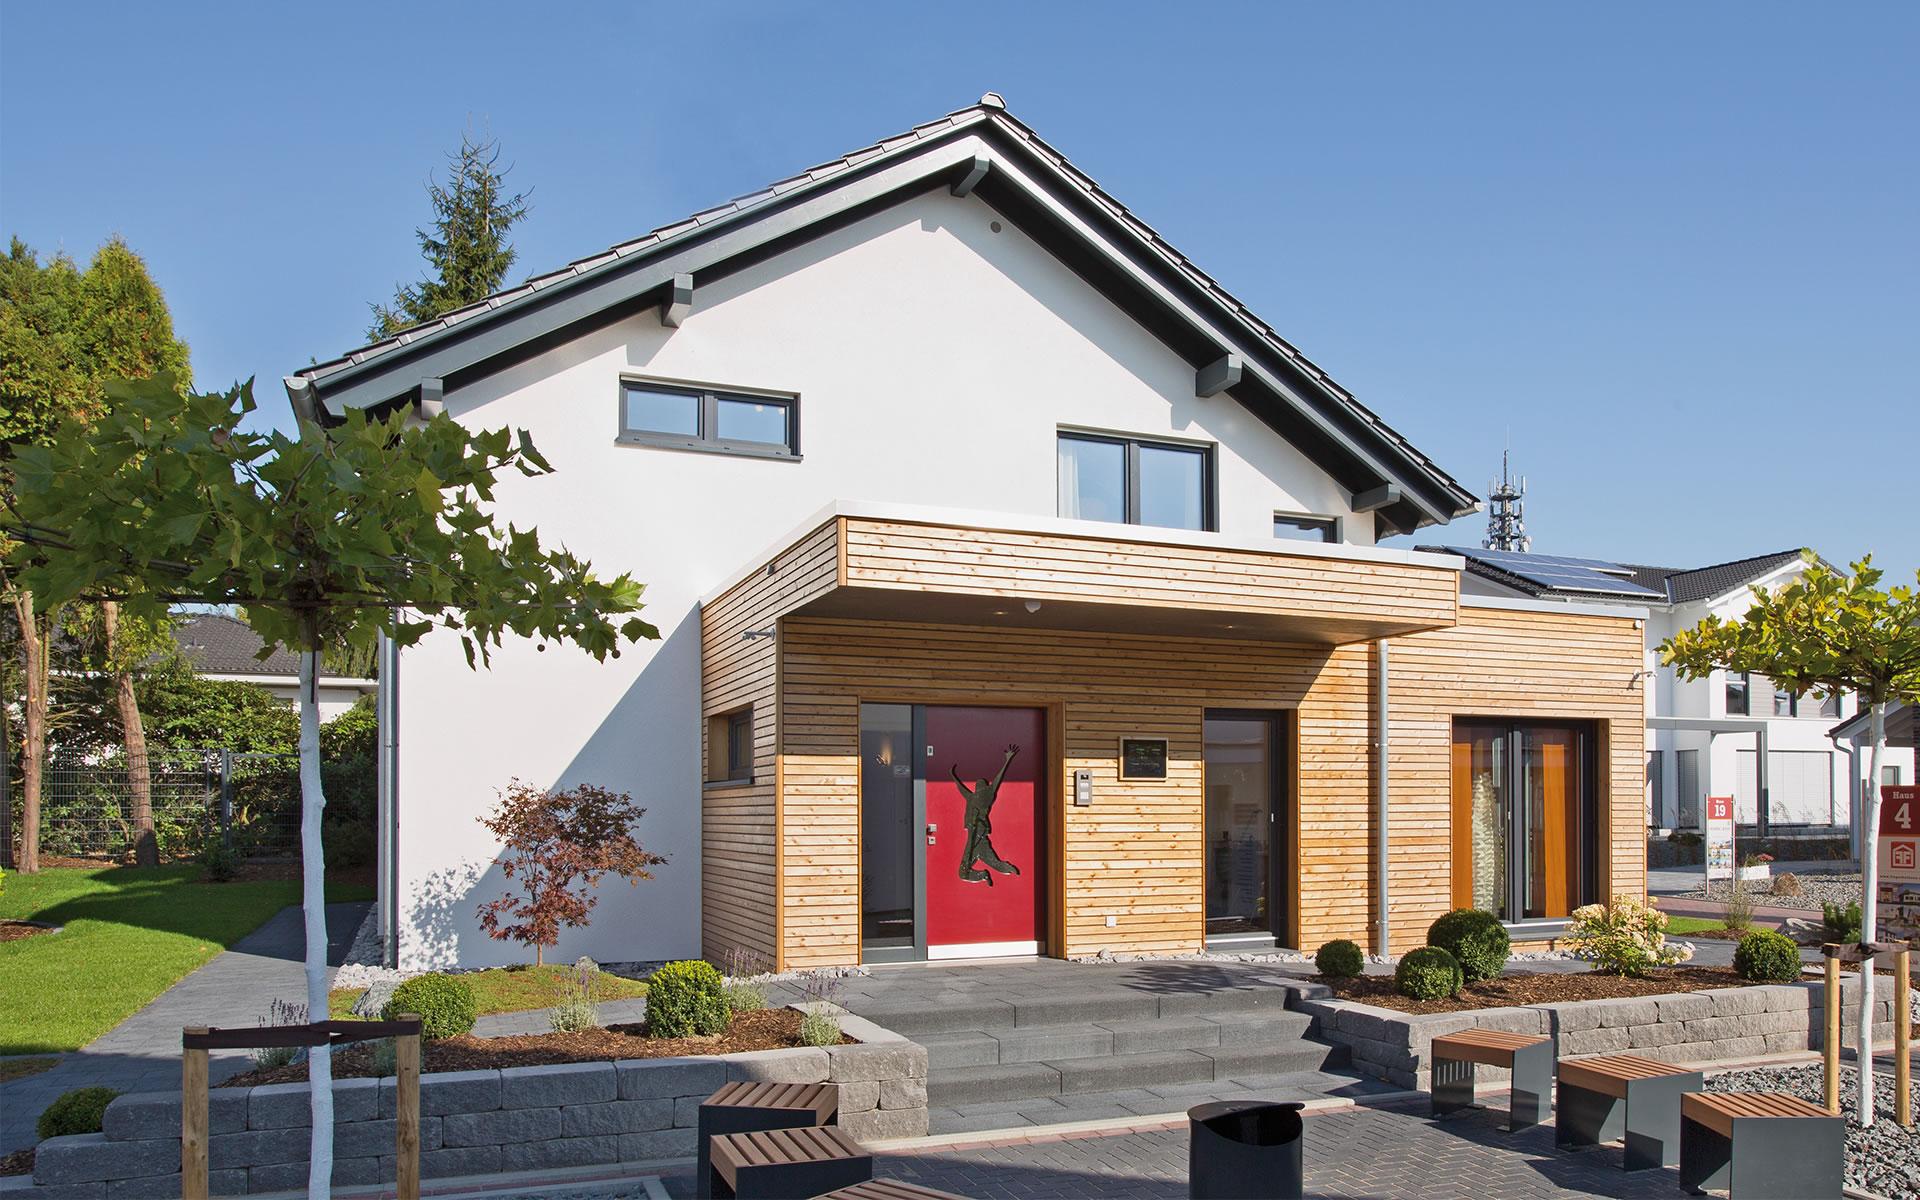 Musterhaus Wuppertal von Fingerhut Haus GmbH & Co. KG